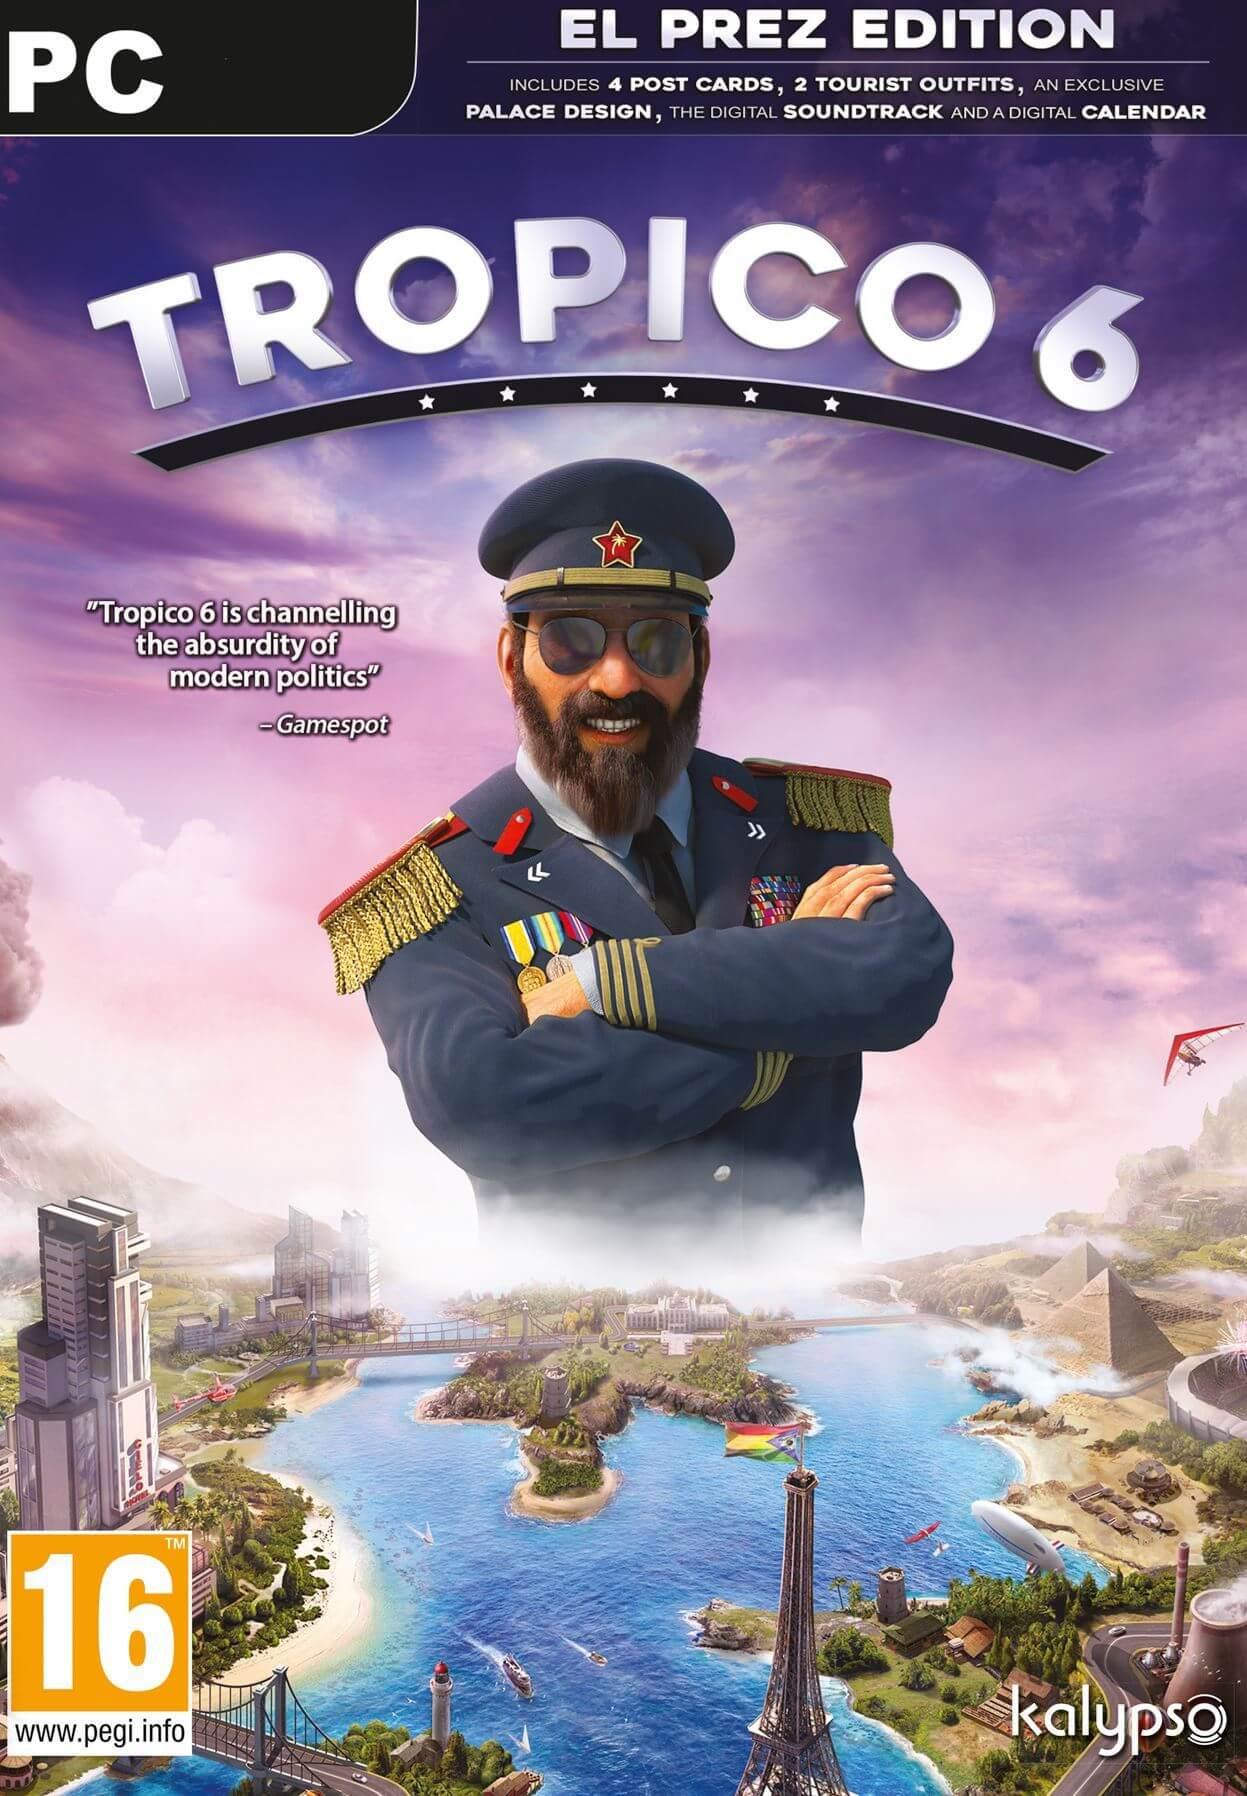 Bild von Tropico 6 El Prez Edition Pre-Order